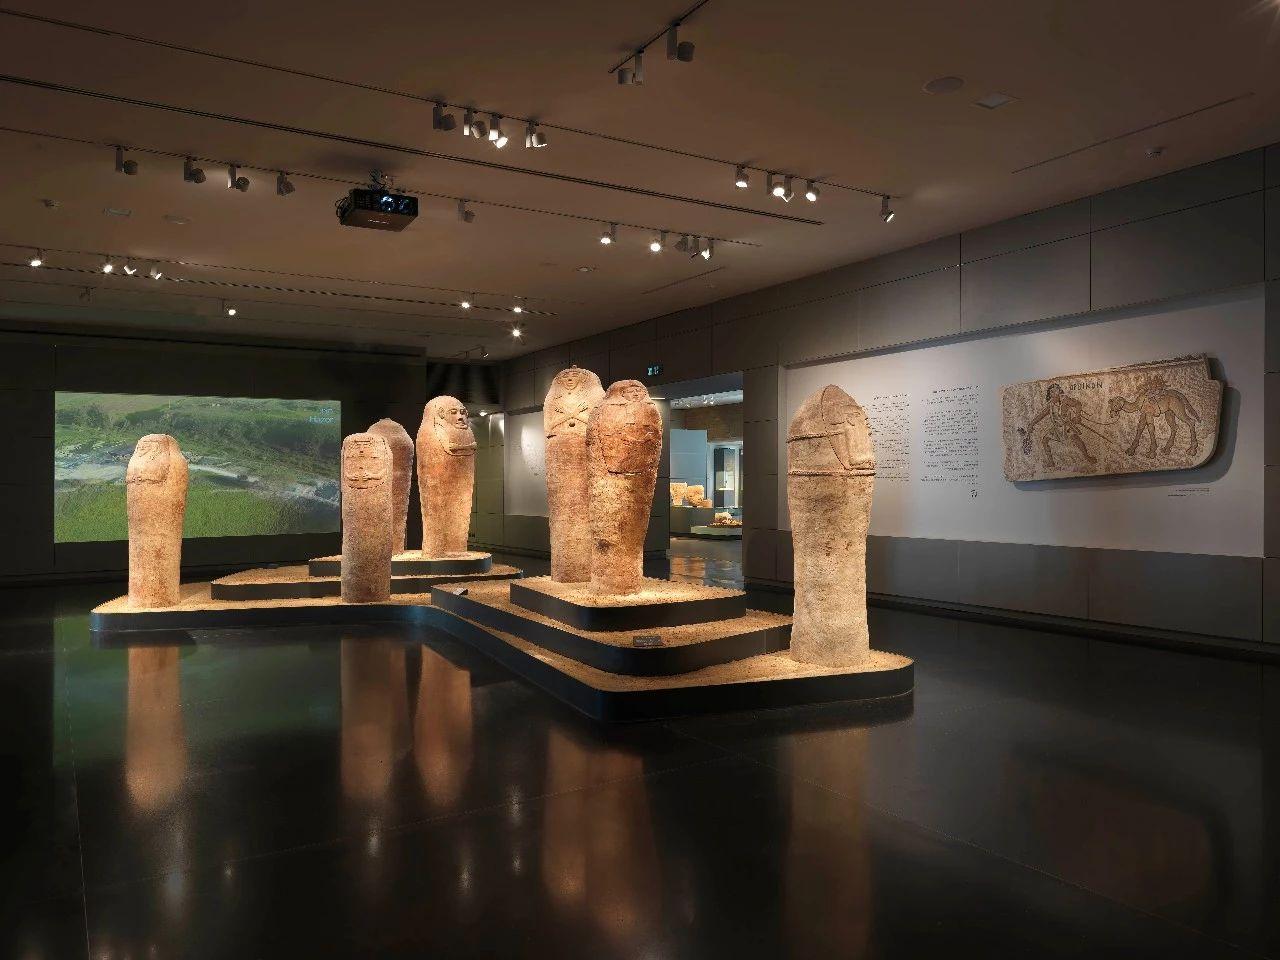 揭秘以色列博物馆人形石棺背后的故事